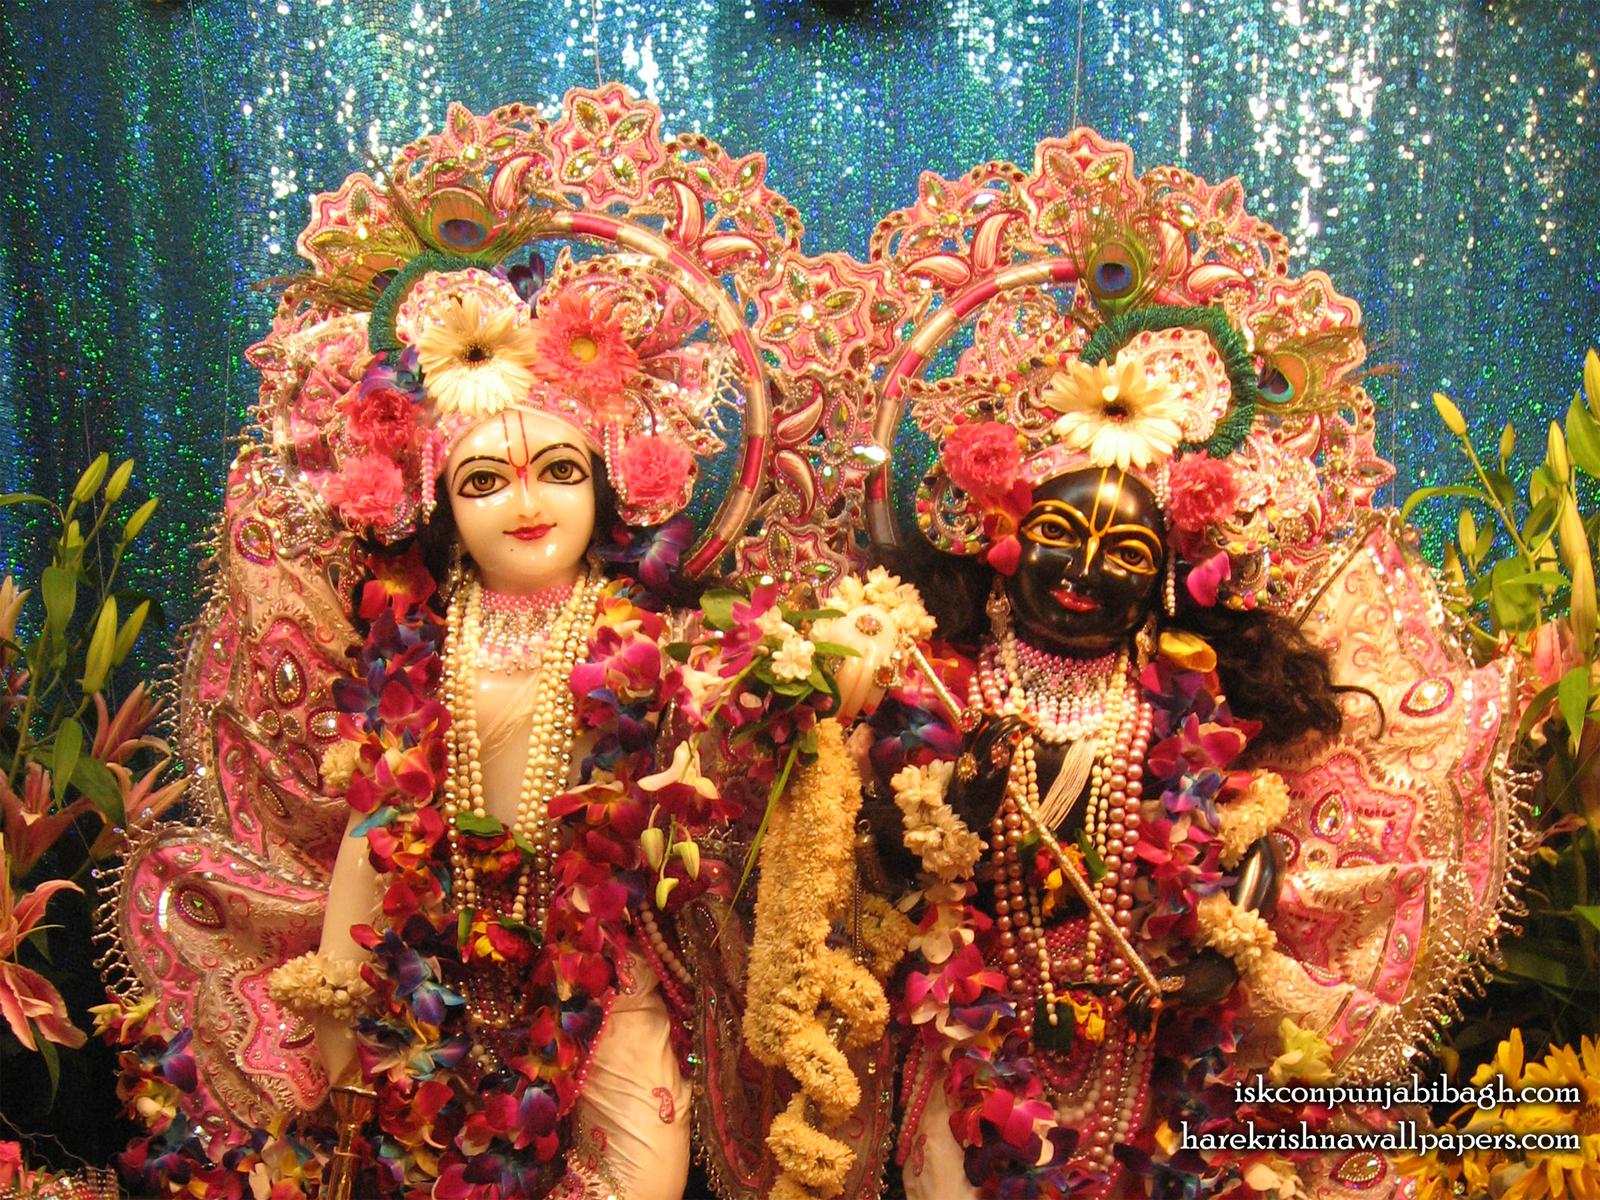 Sri Sri Krishna Balaram Close up Wallpaper (001) Size1600x1200 Download